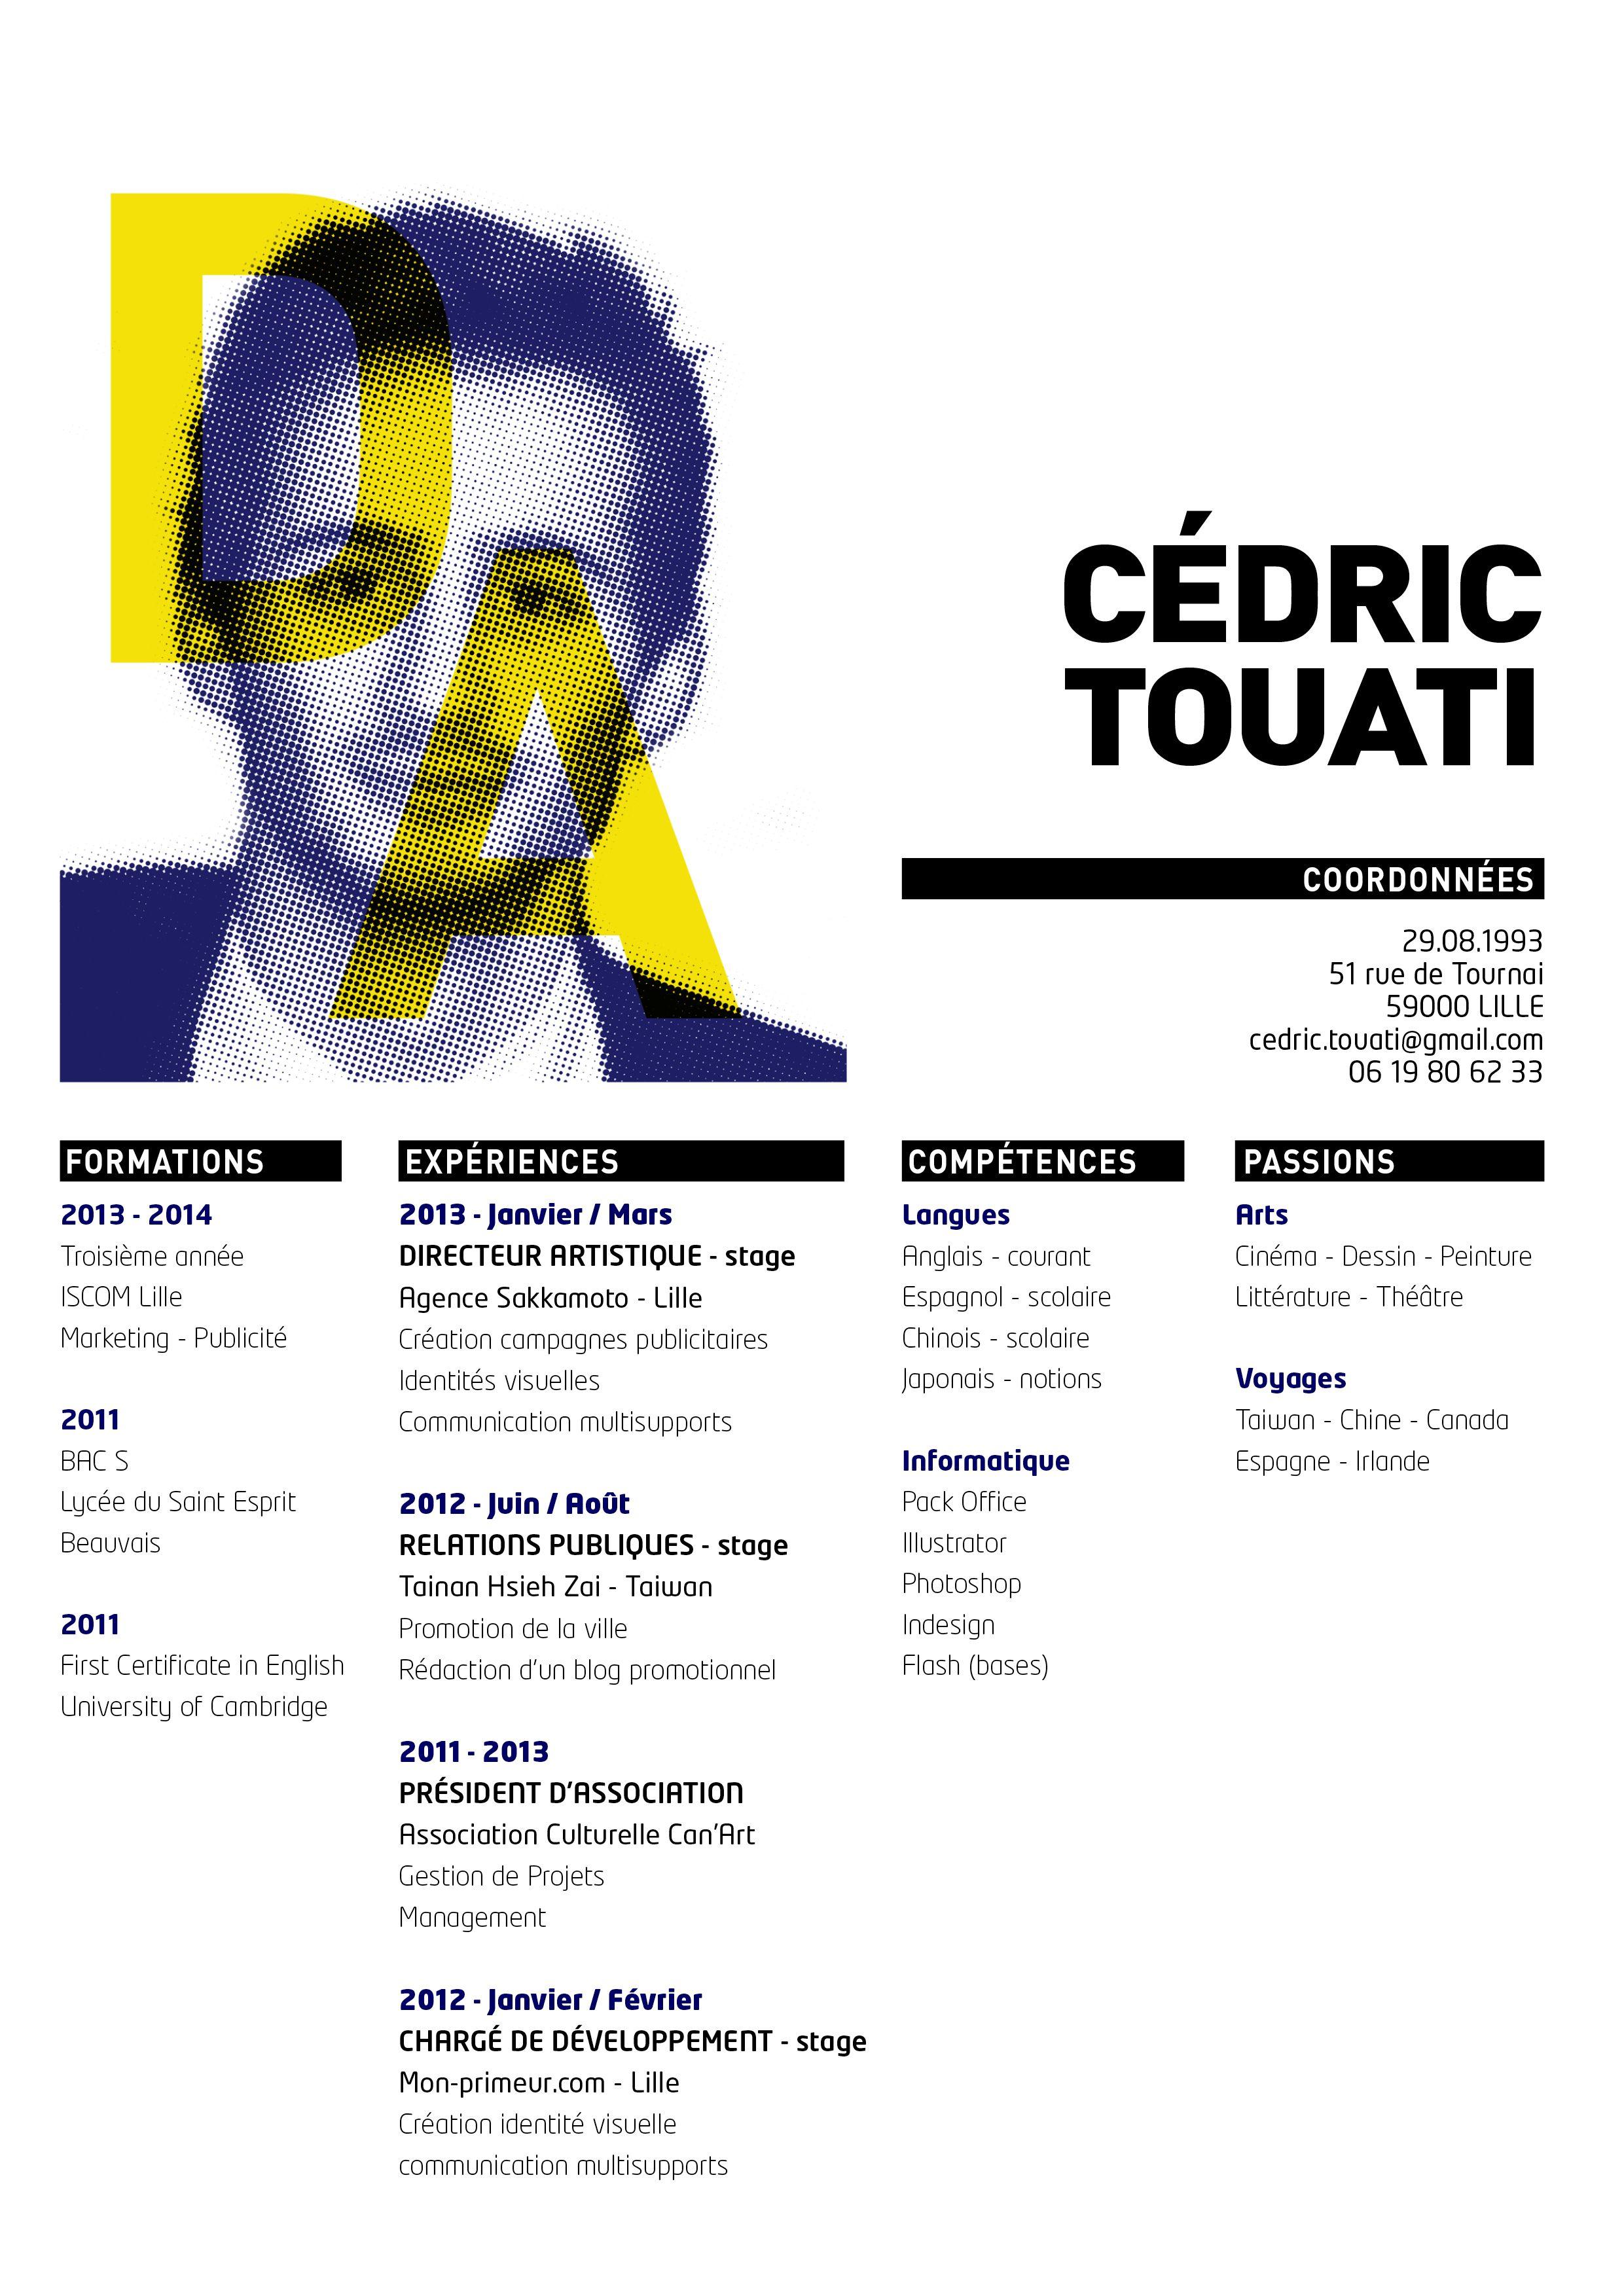 Cedric Touati Directeur Artistique Art Director Cv Resume Directeur Artistique Idee Cv Artiste